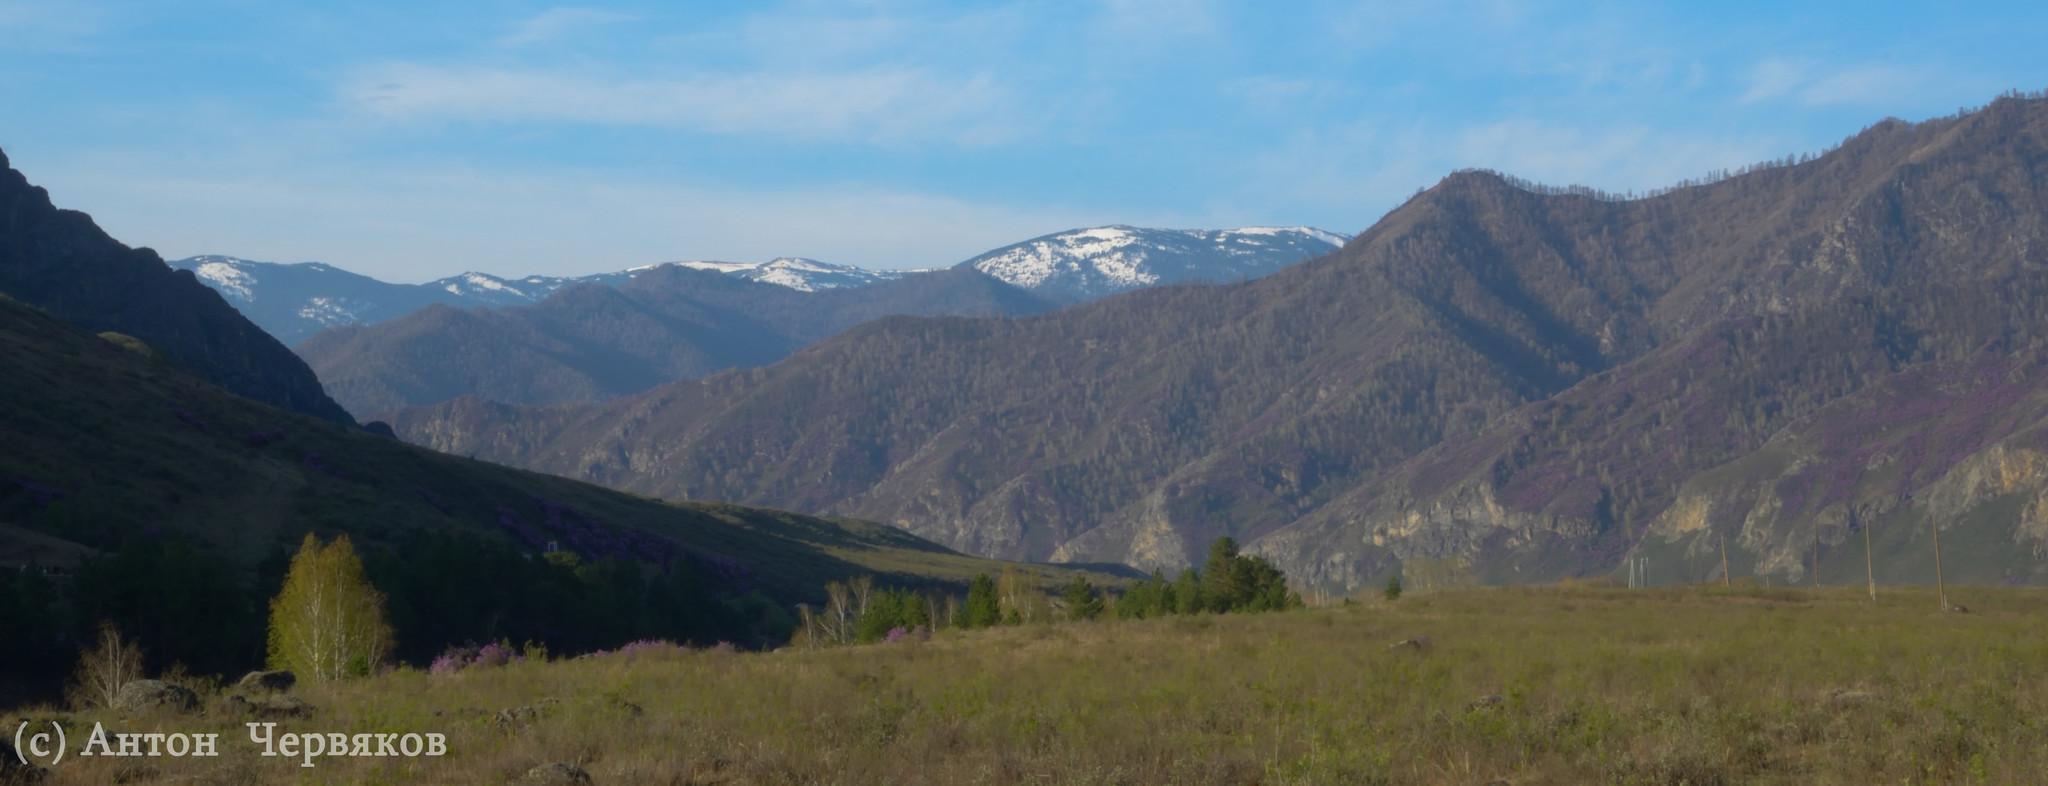 В горах Алтая. Весна-2013